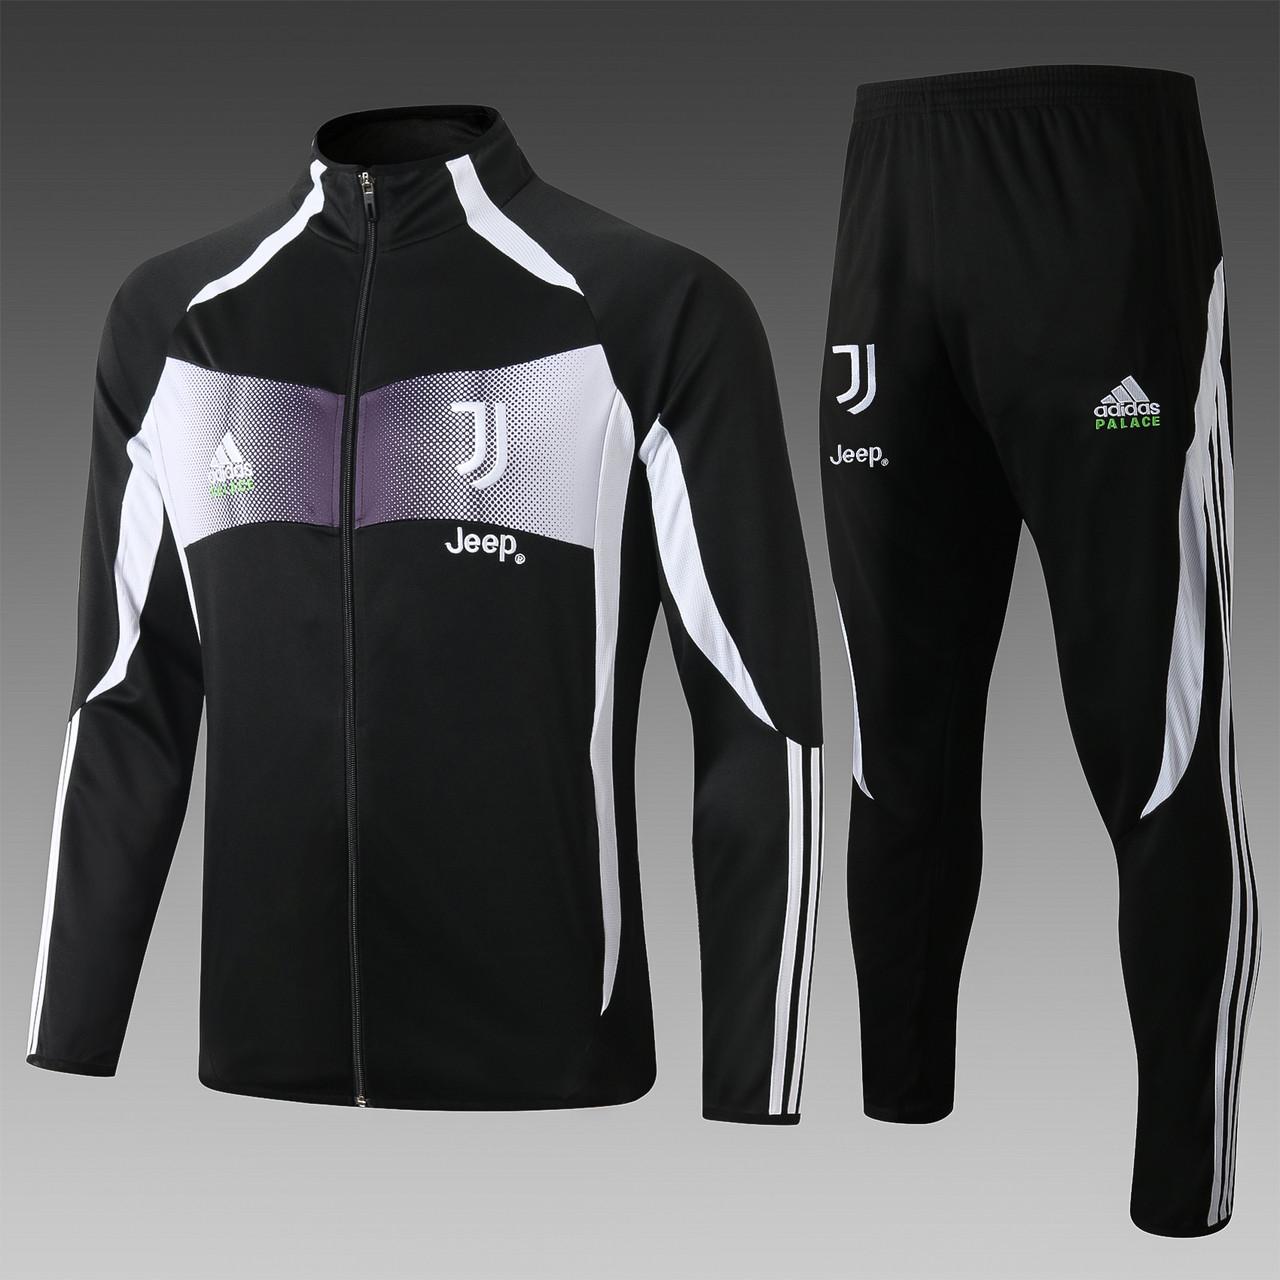 Мужской спортивный тренировочный костюм Ювентус Juventus 2019-20